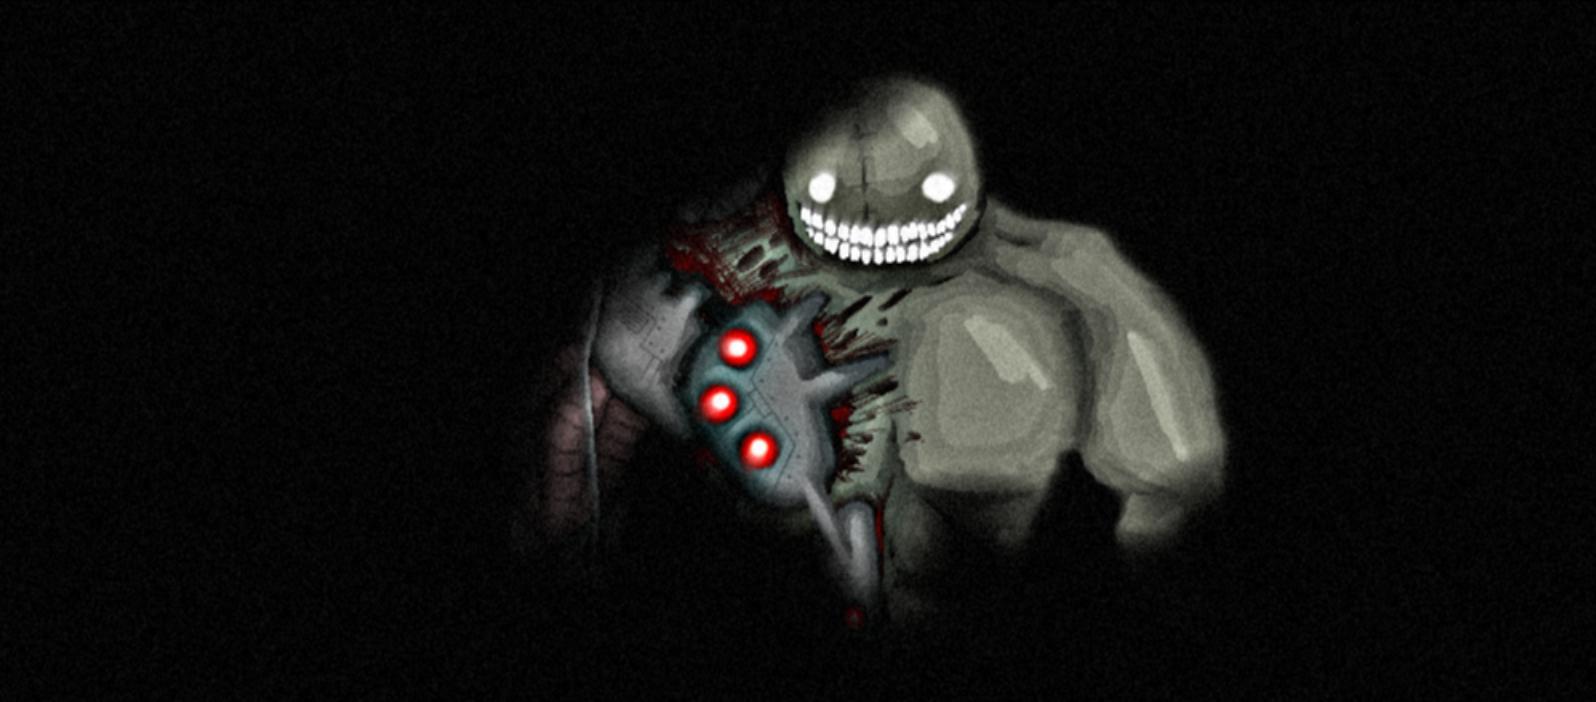 Grim-Sinister-smile